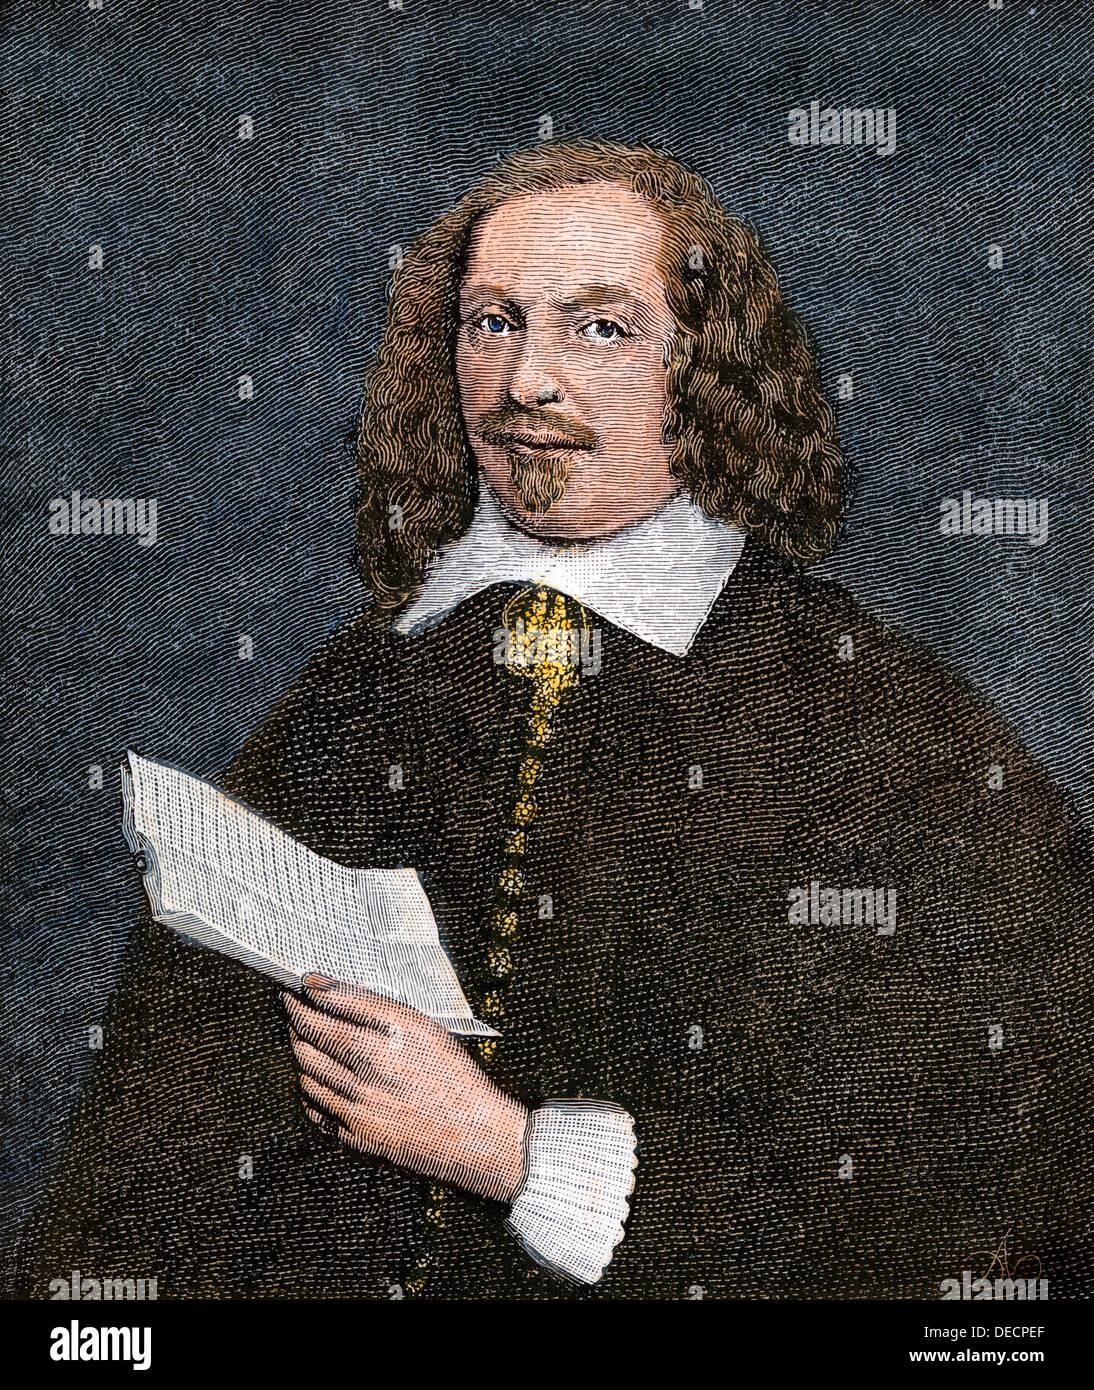 Pilgrim leader Edward Winslow Holding ein Dokument. Hand - farbige Holzschnitt Stockbild